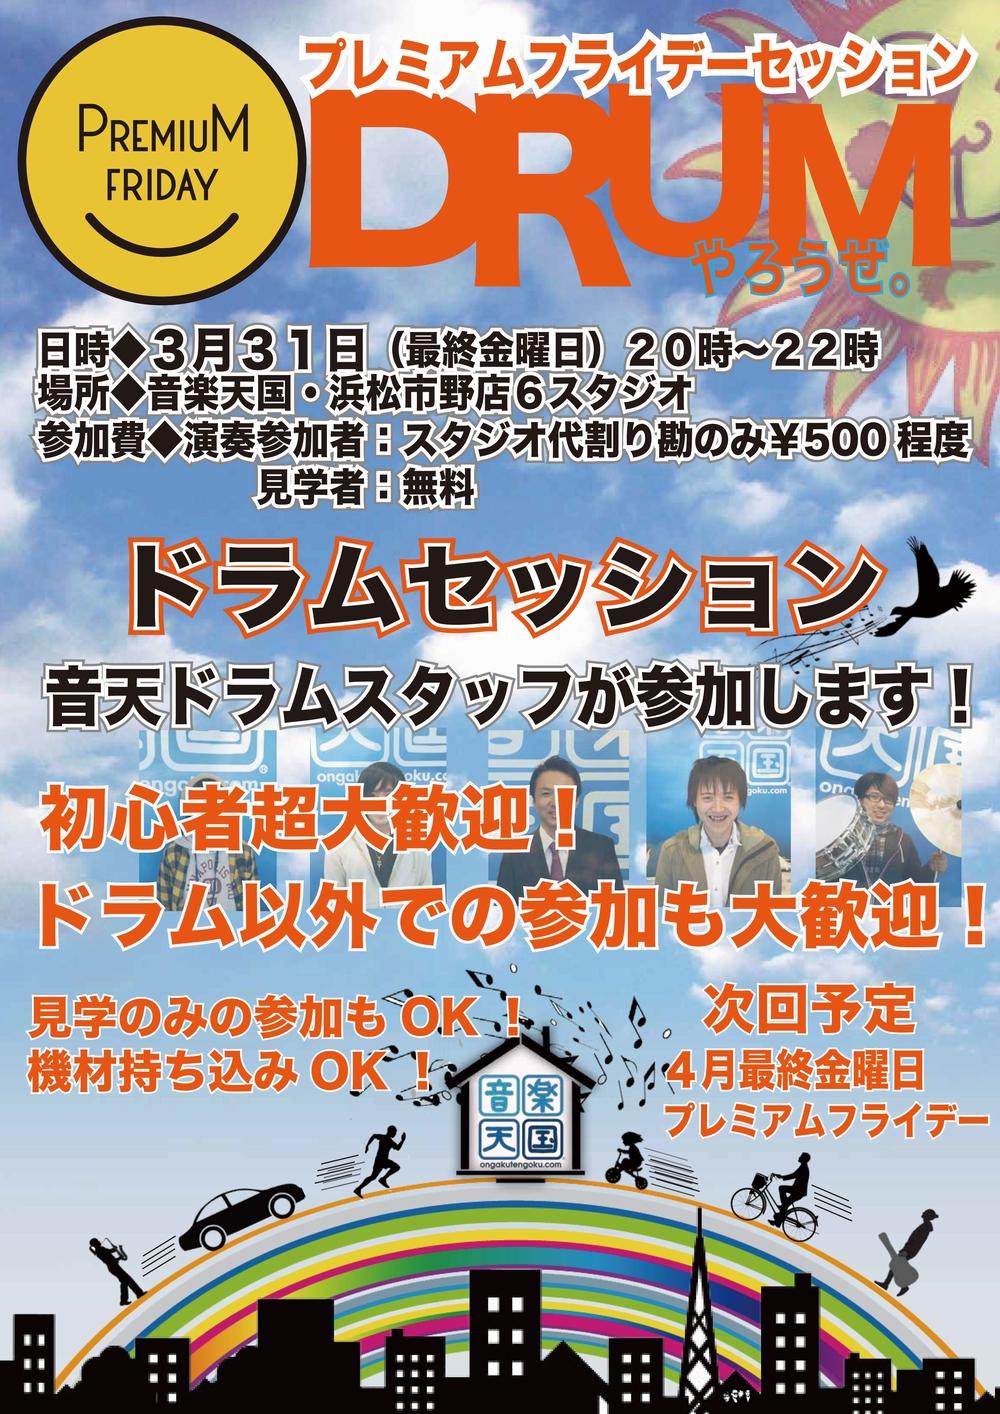 【ドラムセッション天国】音楽天国・浜松市野店3月31日(金)プレミアムフライデー開催